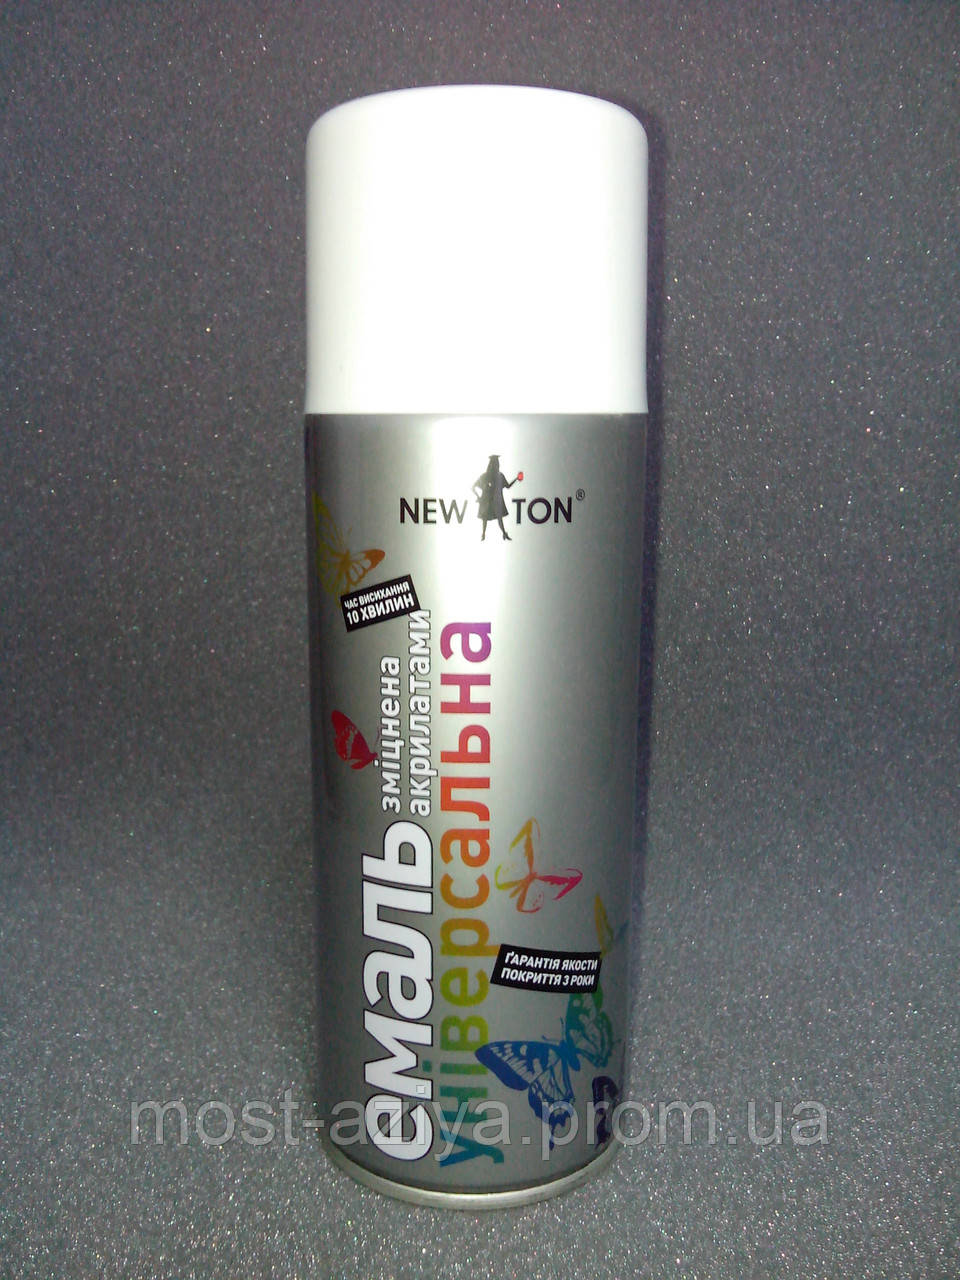 Краска белая (RAL 9003) для подкраски профнастила и металлочерепицы RAL 9003